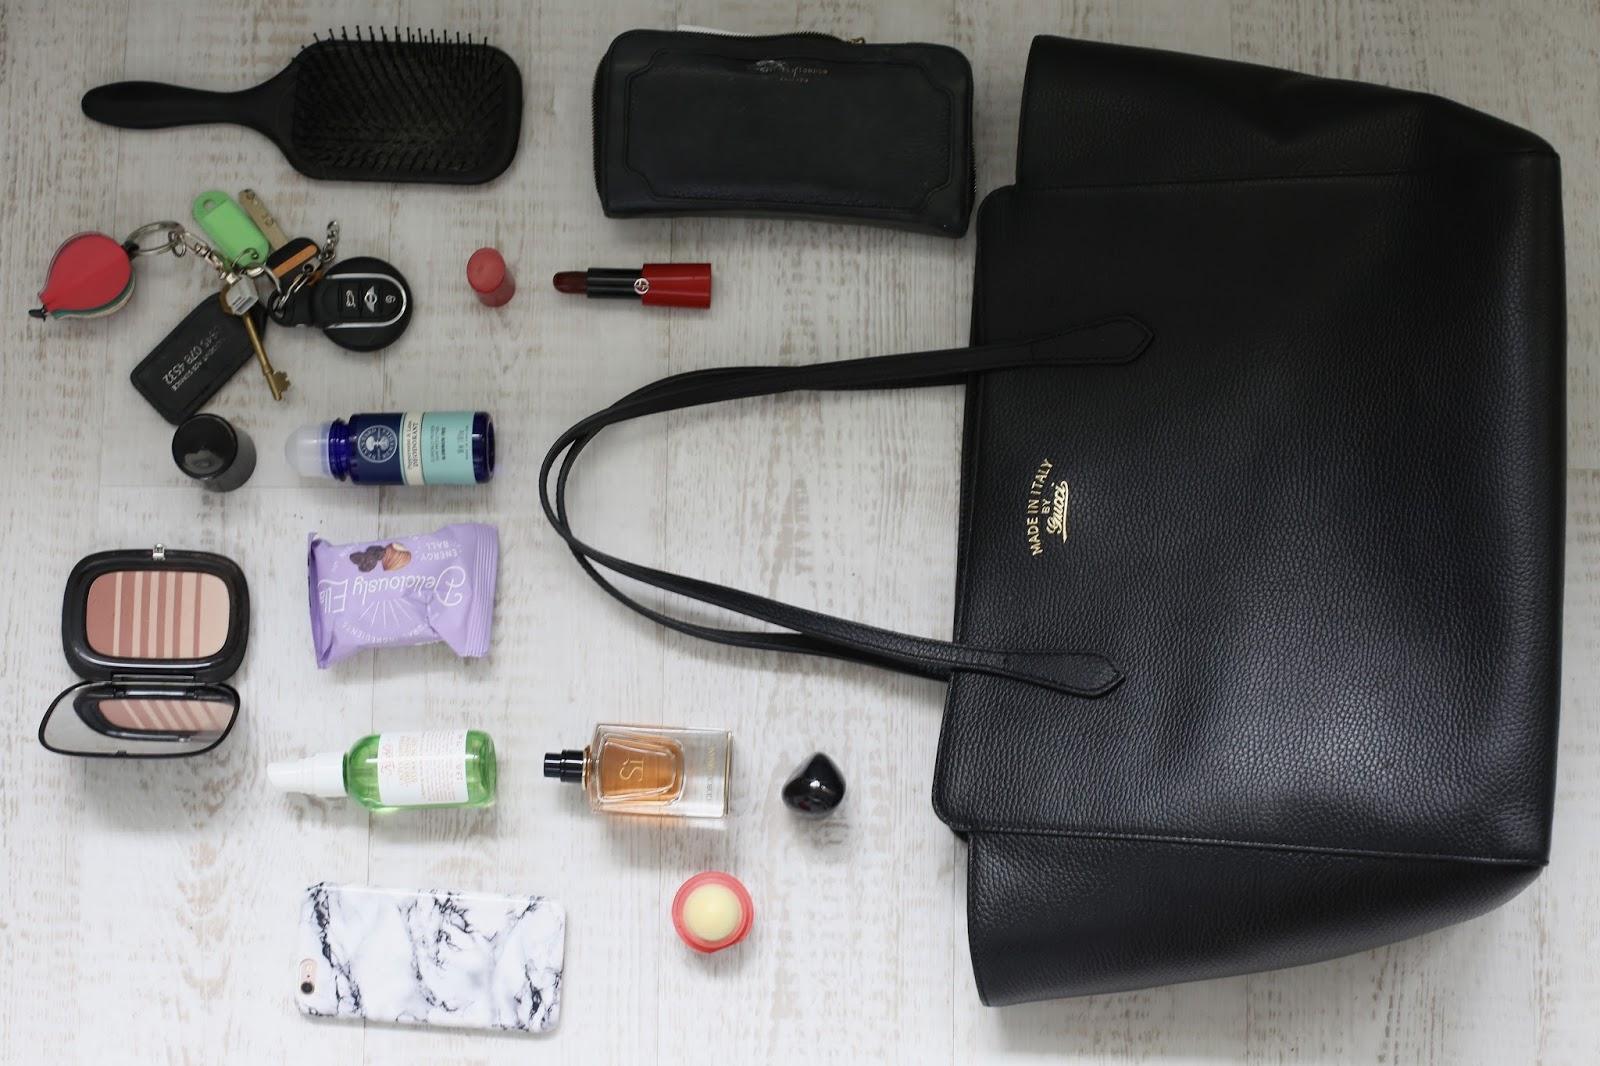 488cd72c047 Emtalks  Top Handbag Essentials And Gucci Swing Bag Review